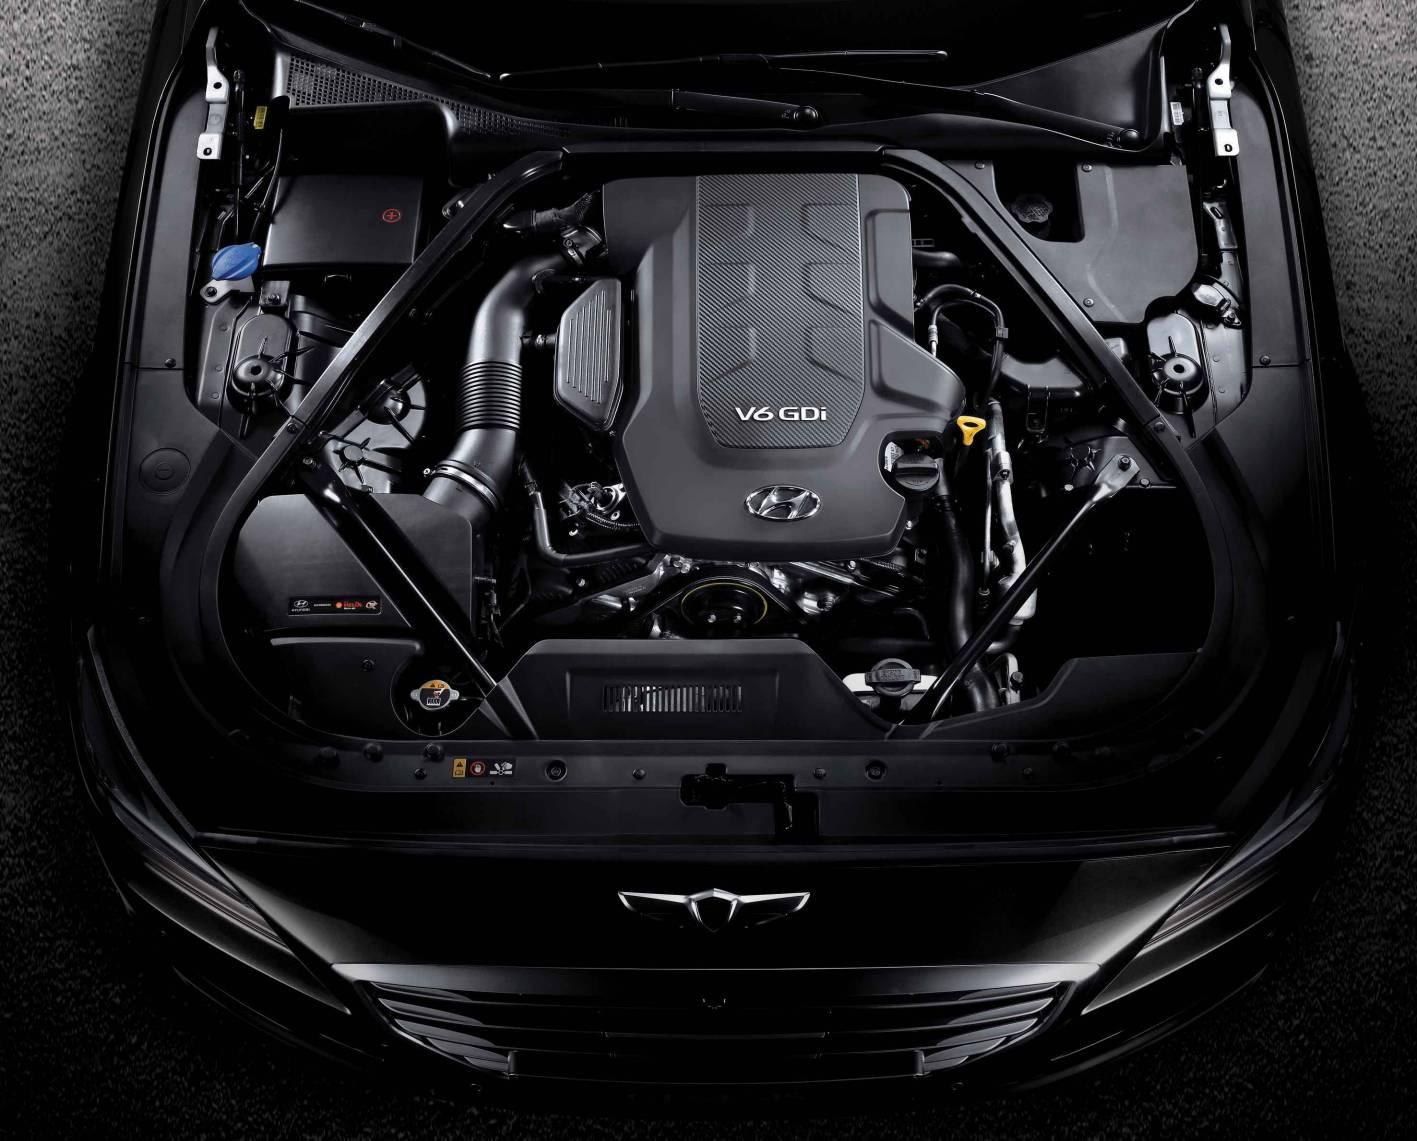 2014 Hyundai Genesis Sedan V6 Engine